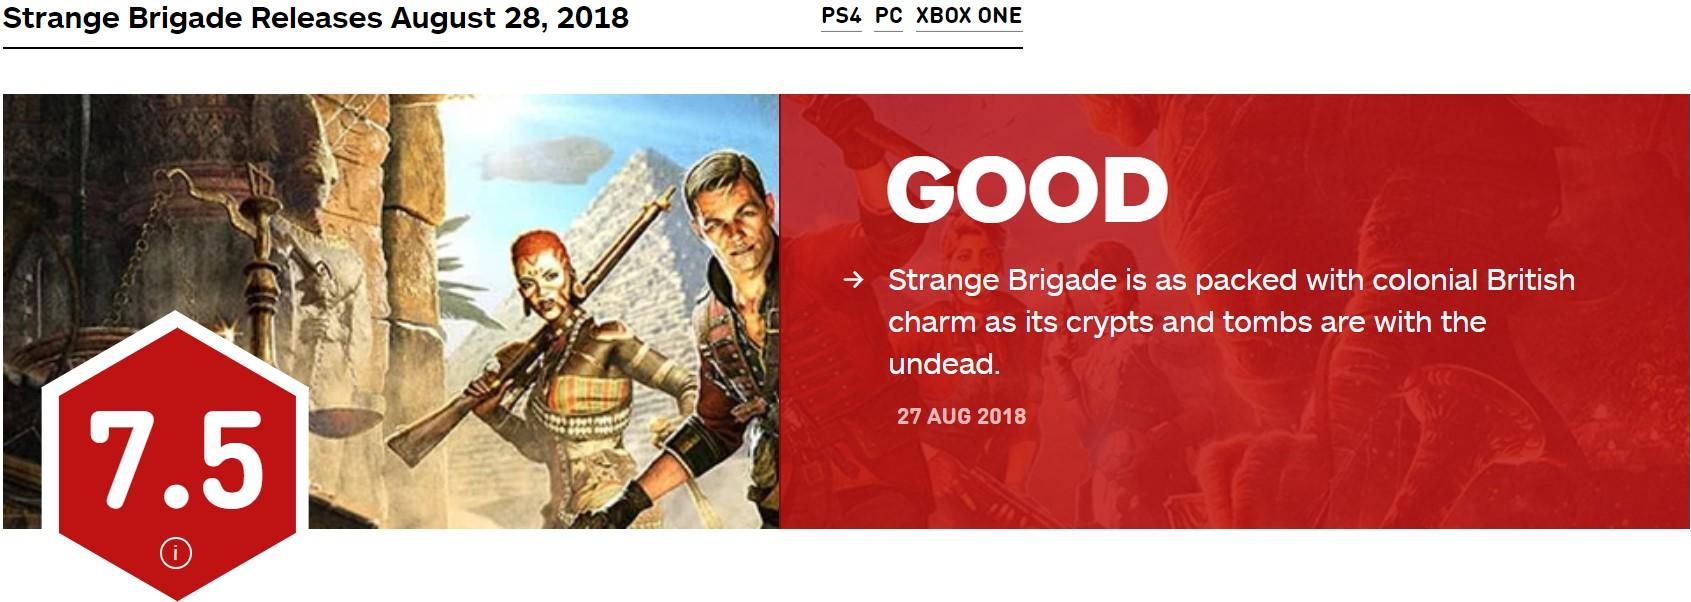 《异域奇兵》IGN 7.5分 魅力十足的第三人称射击